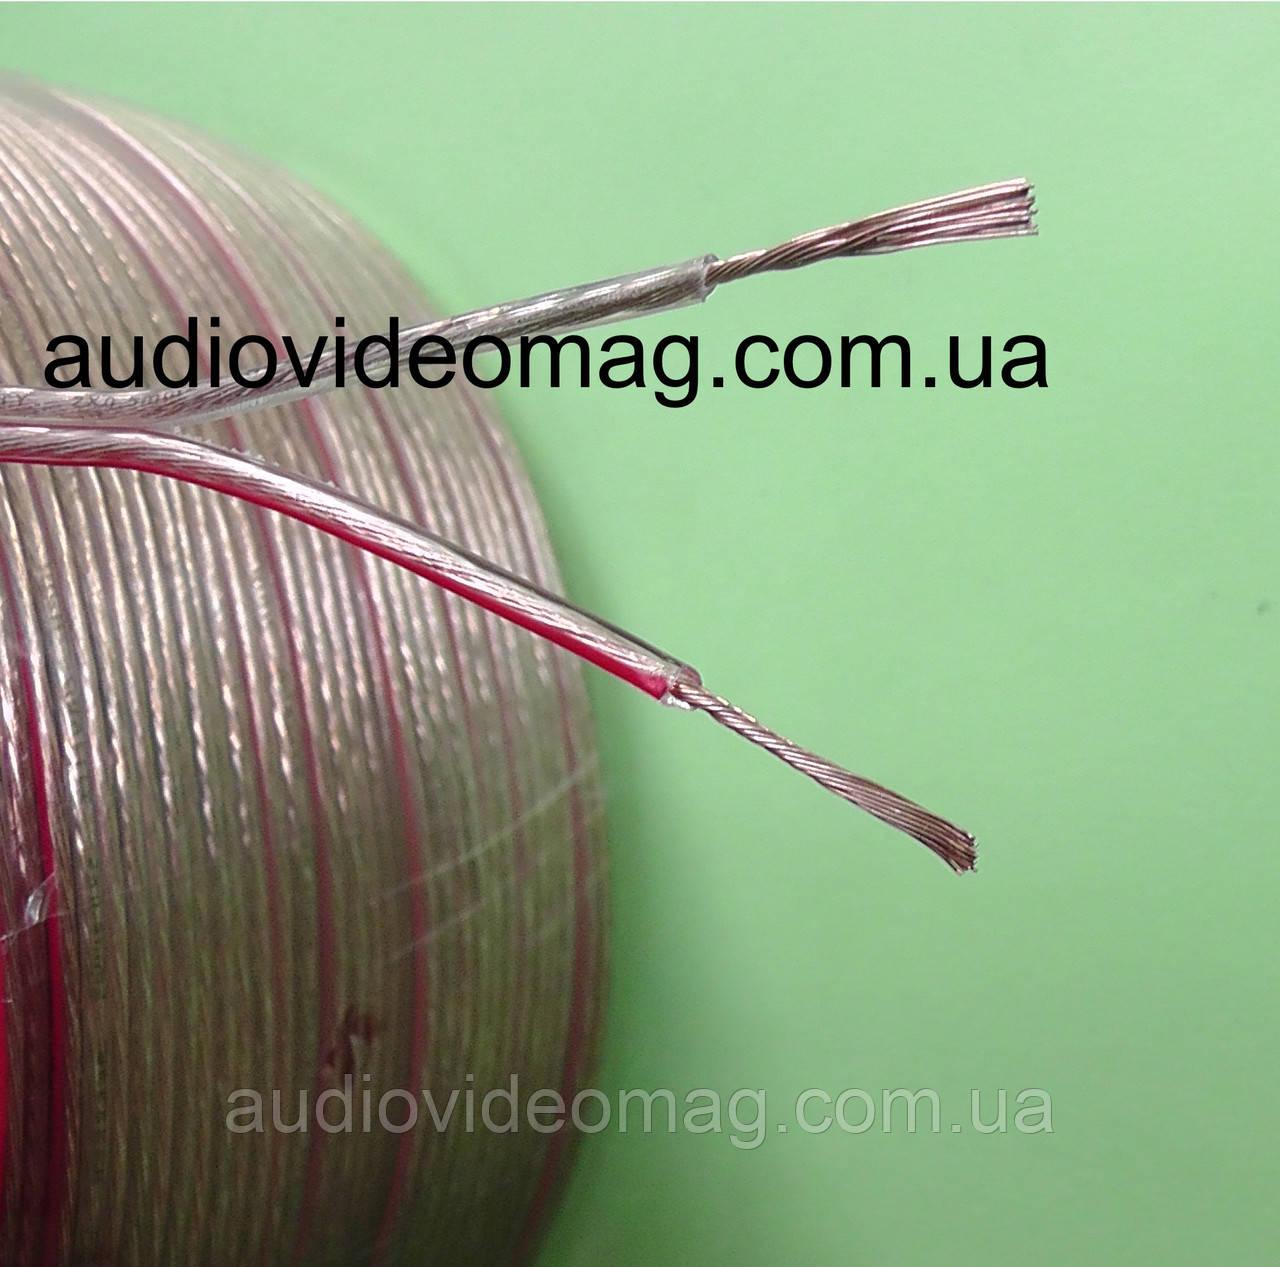 Звуковий кабель акустичний (ССА) 2х0.5 кв. мм, ціна за 1 метр